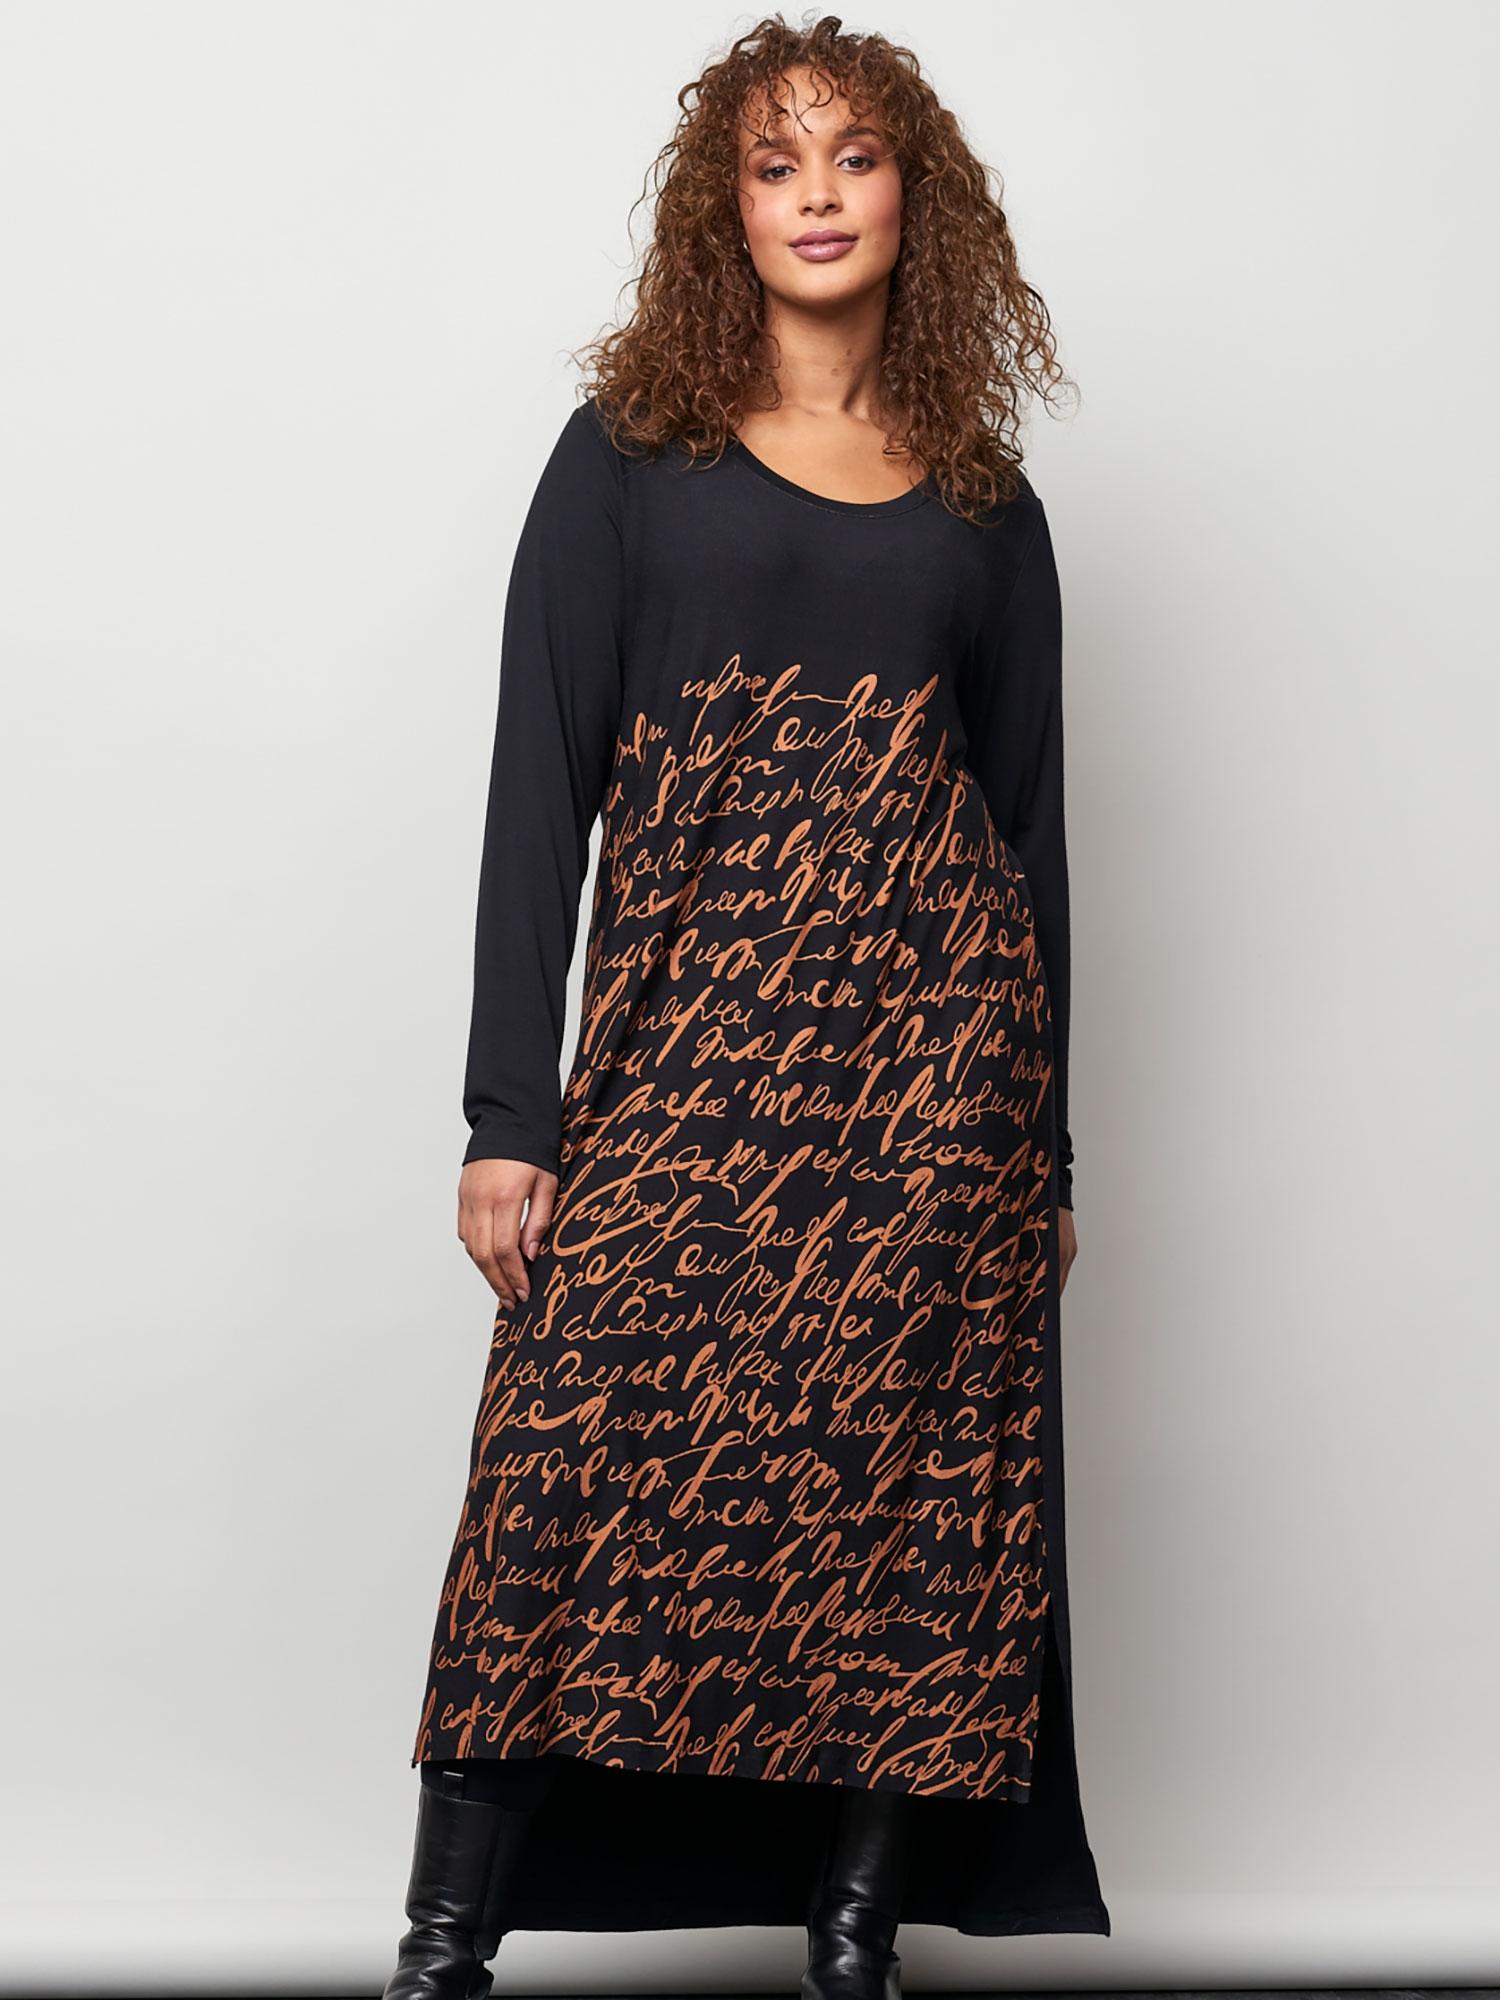 Aprico Lang sort jersey kjole med cool skrift print, 46-48 / M